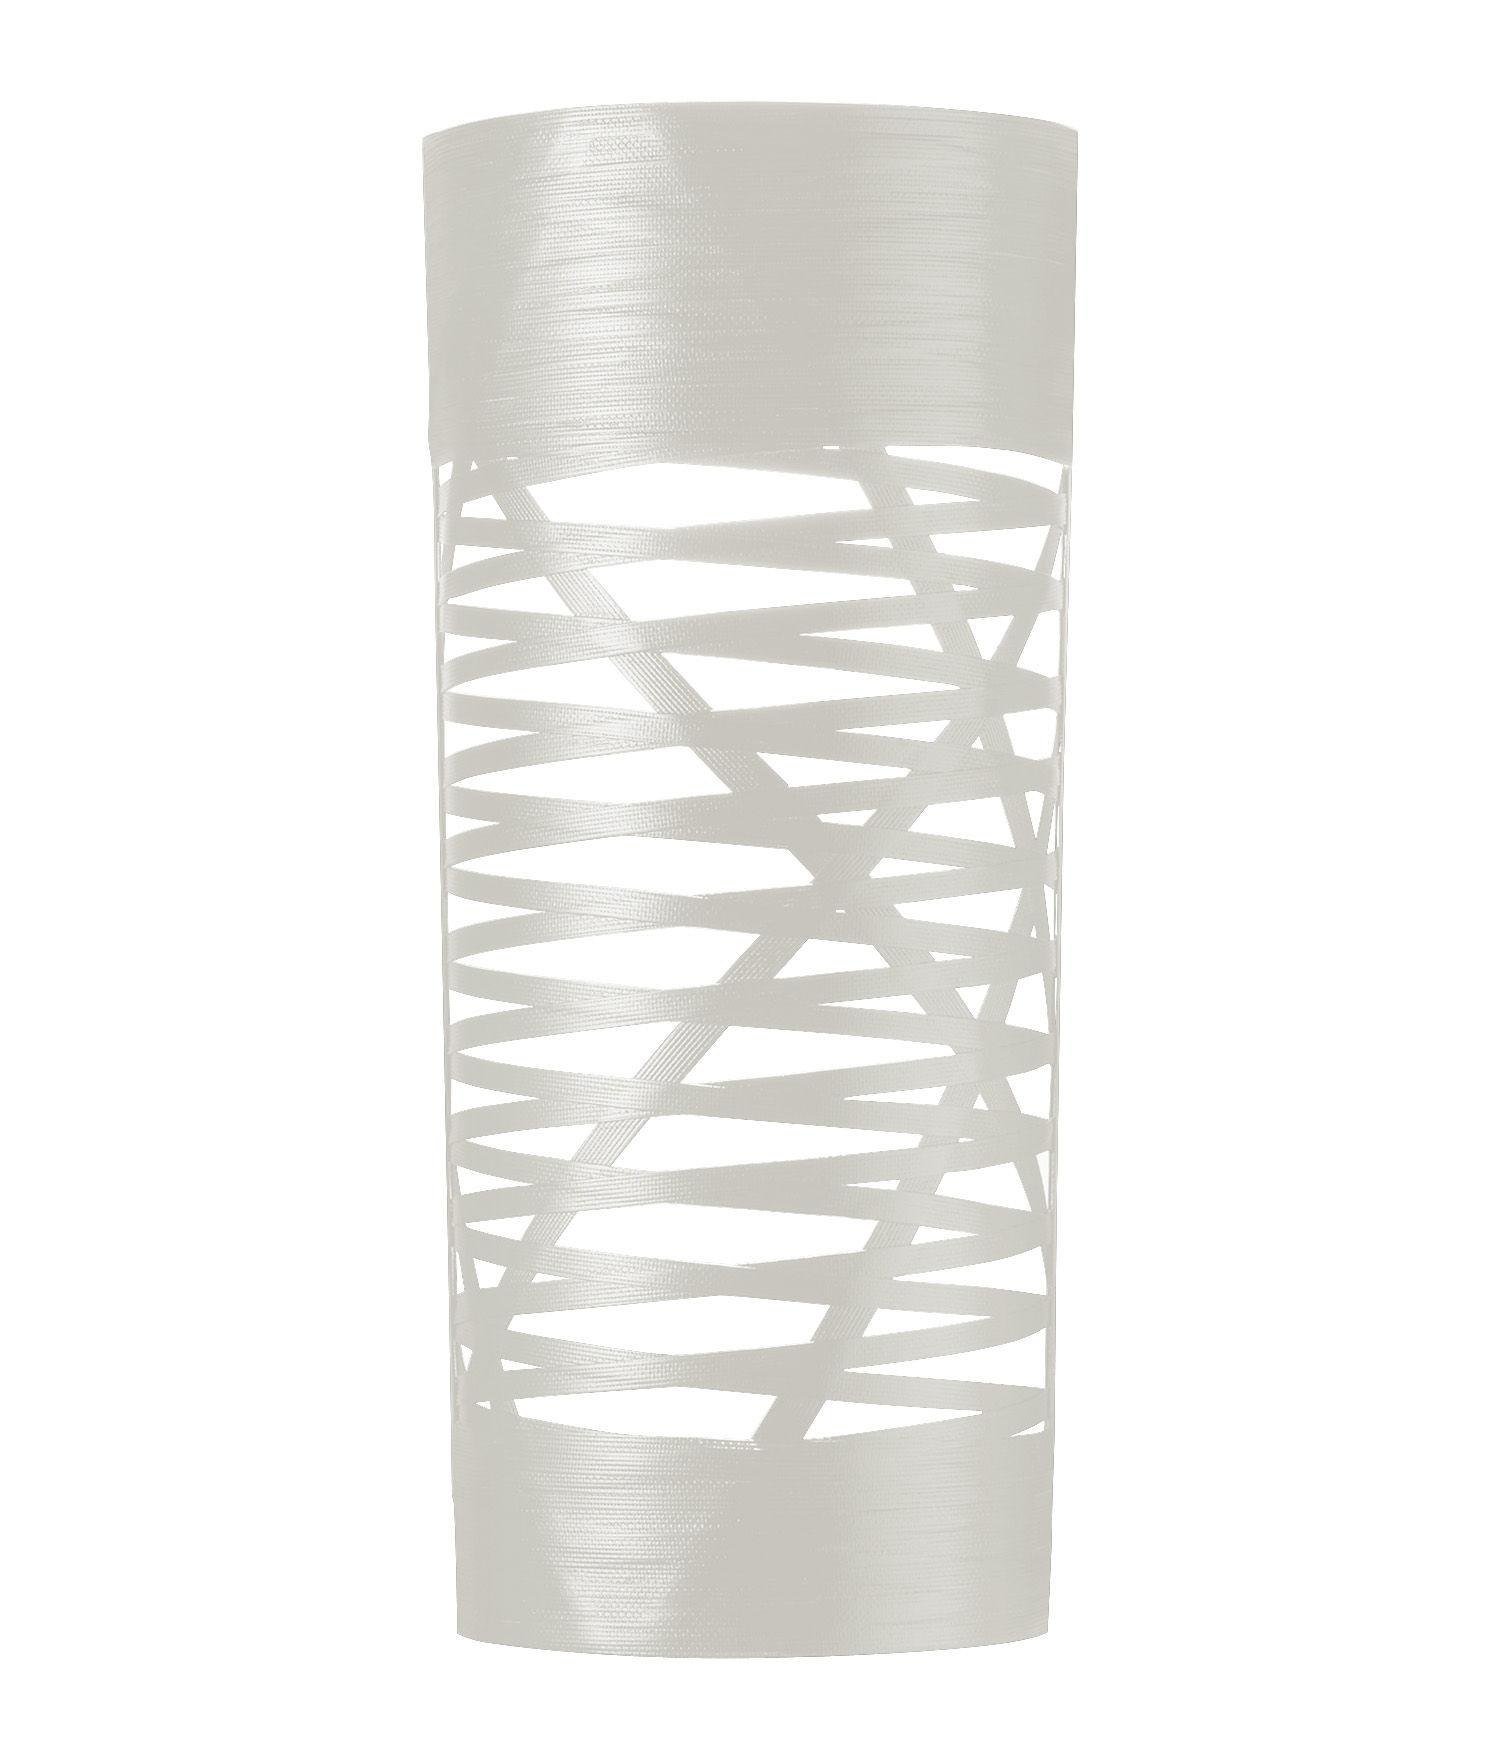 Illuminazione - Lampade da parete - Applique Tress - A 59 cm di Foscarini - Bianco - Fibra di vetro, Materiale composito